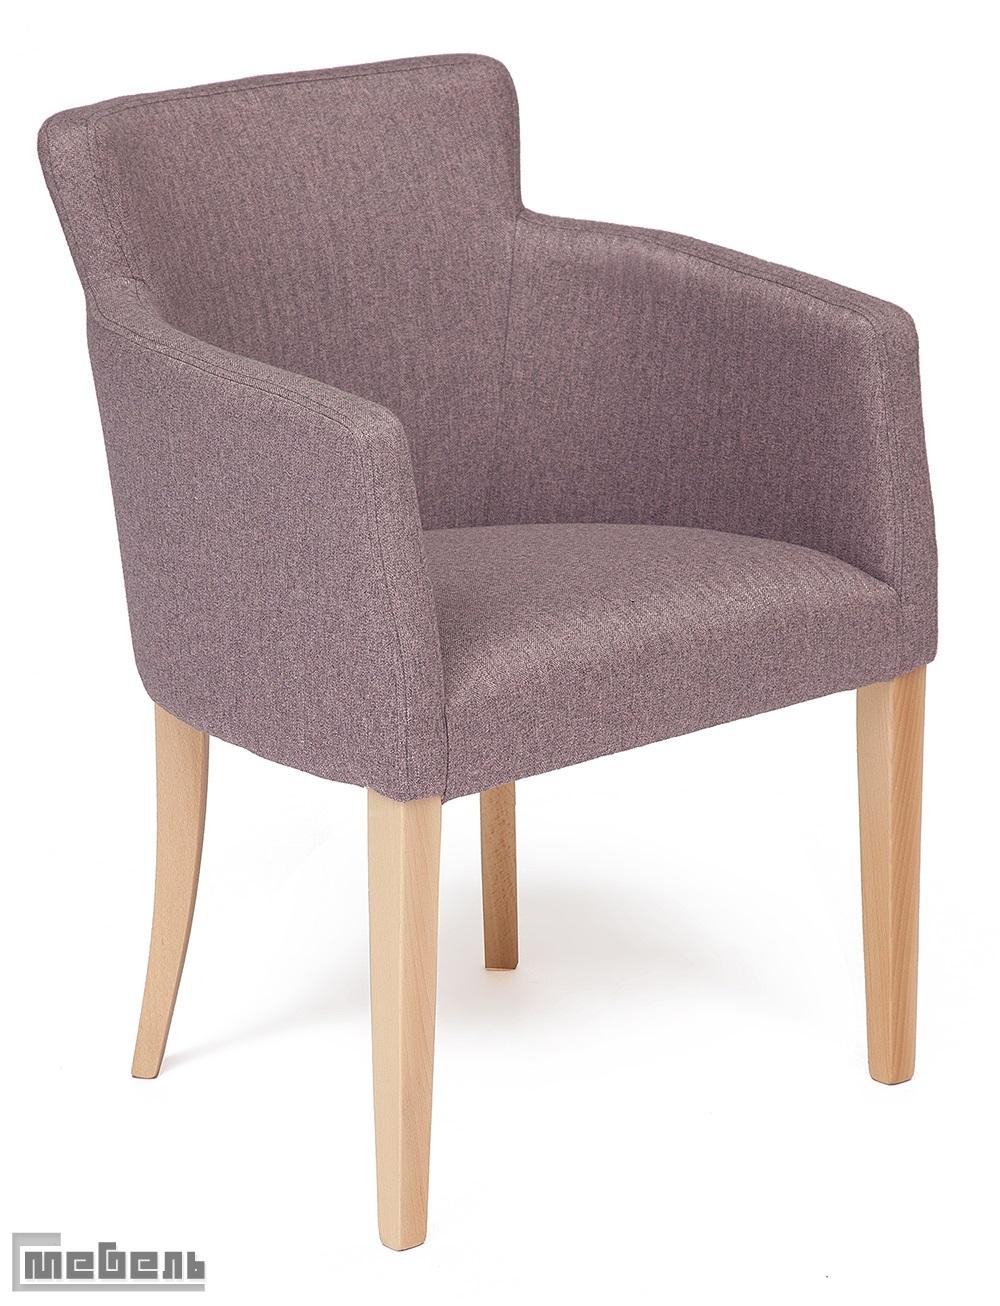 """Кресло """"Круна"""" (Kruna) ткань: (Розовый кварц)"""